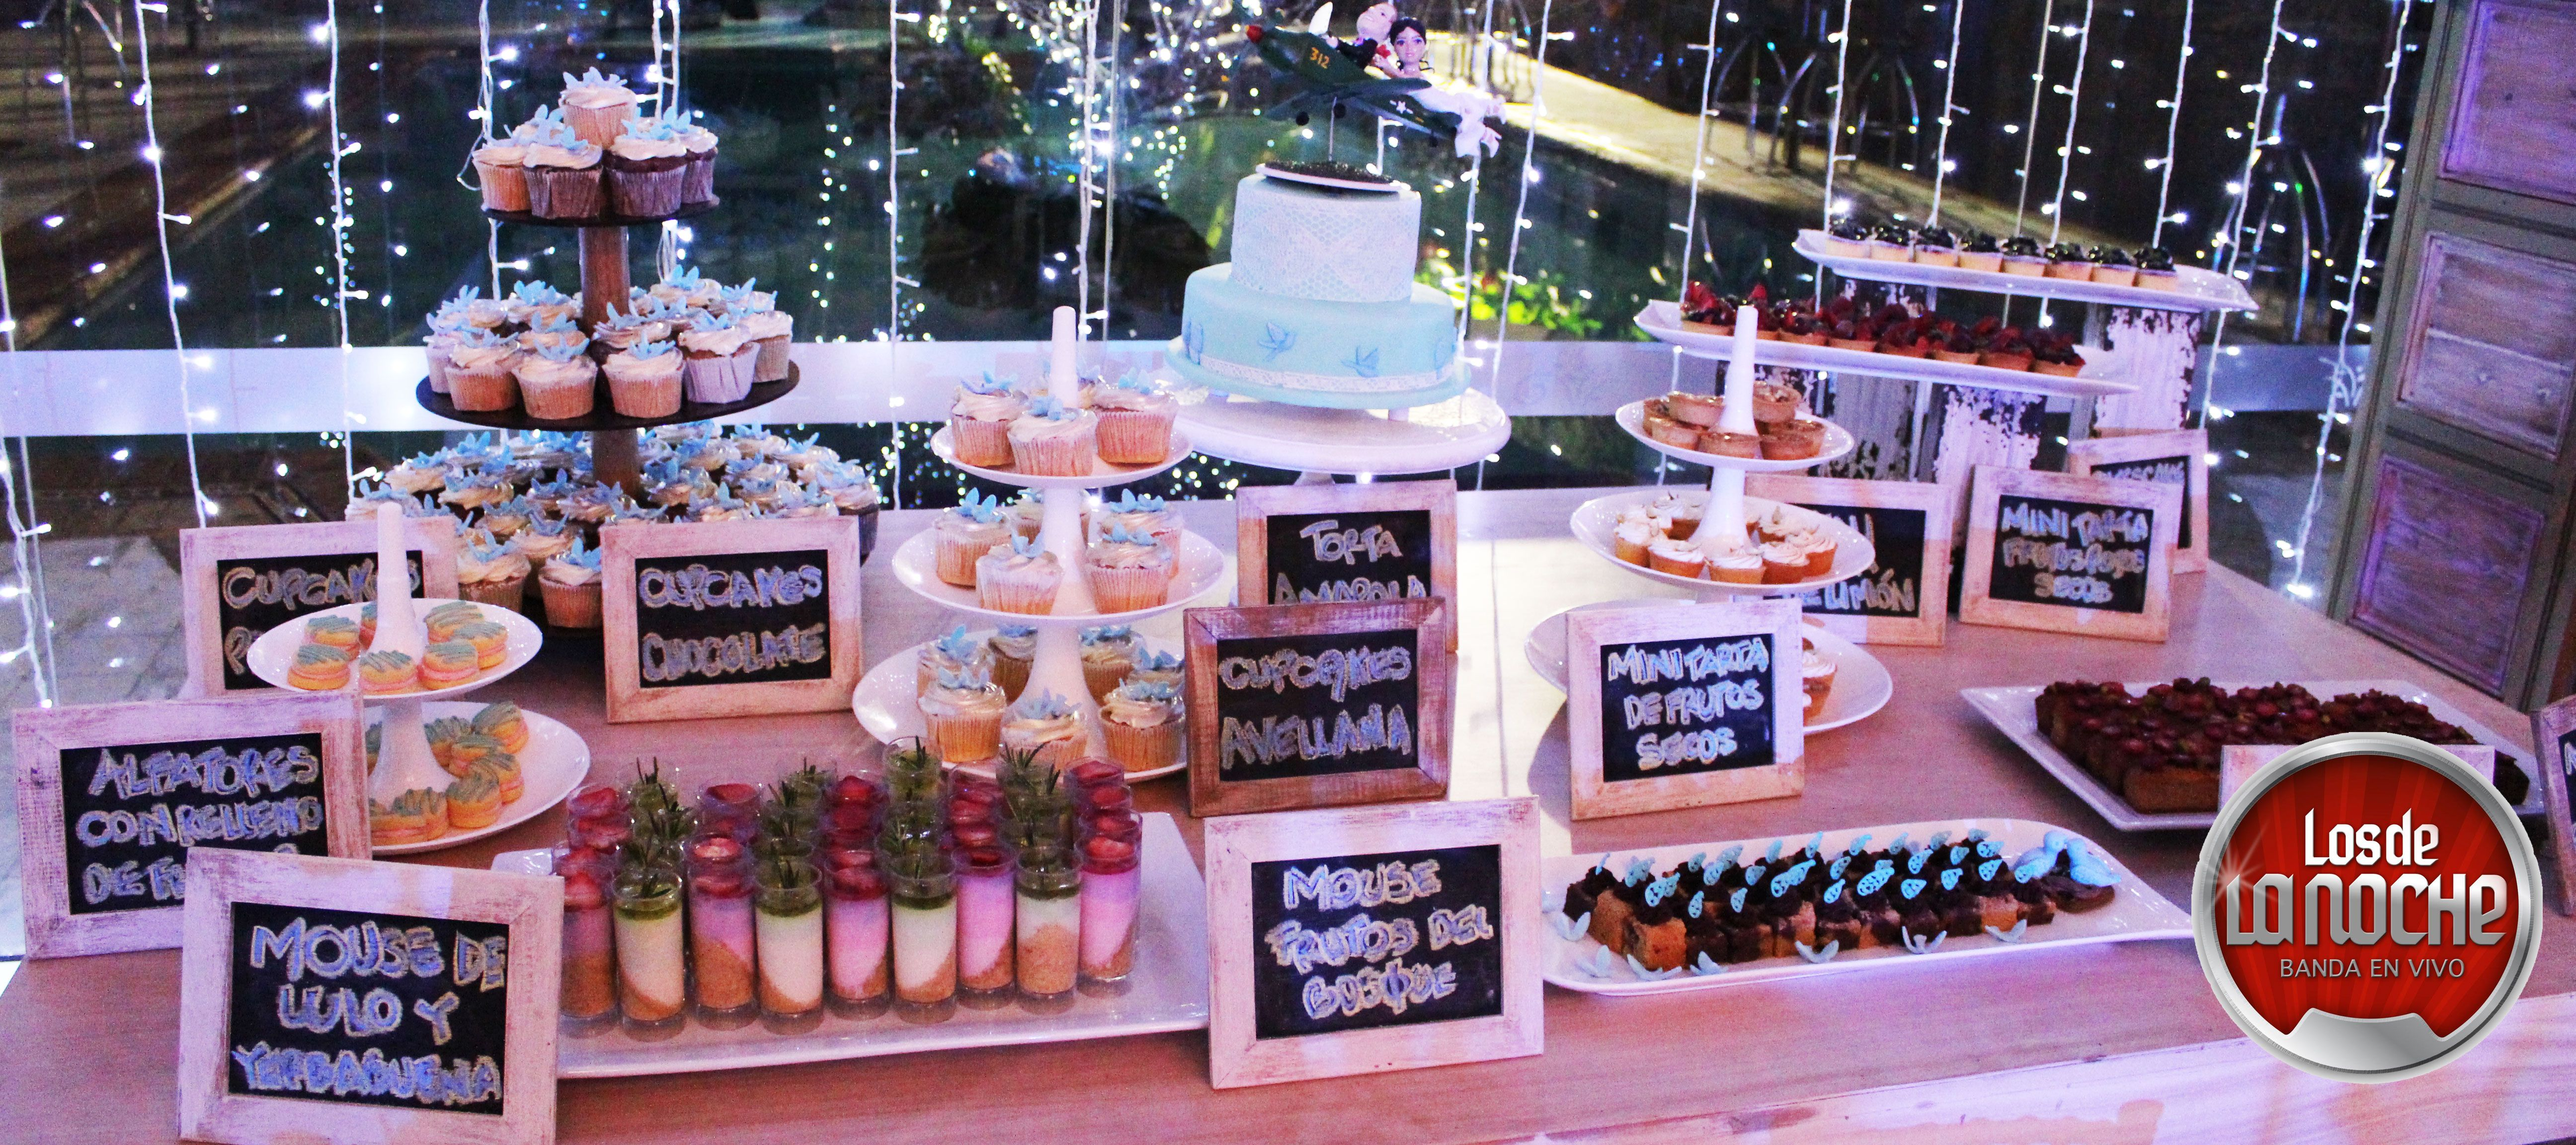 Ideas para bodas cakes mesa de dulces mesa de postres - Mesa de dulces para bodas ...